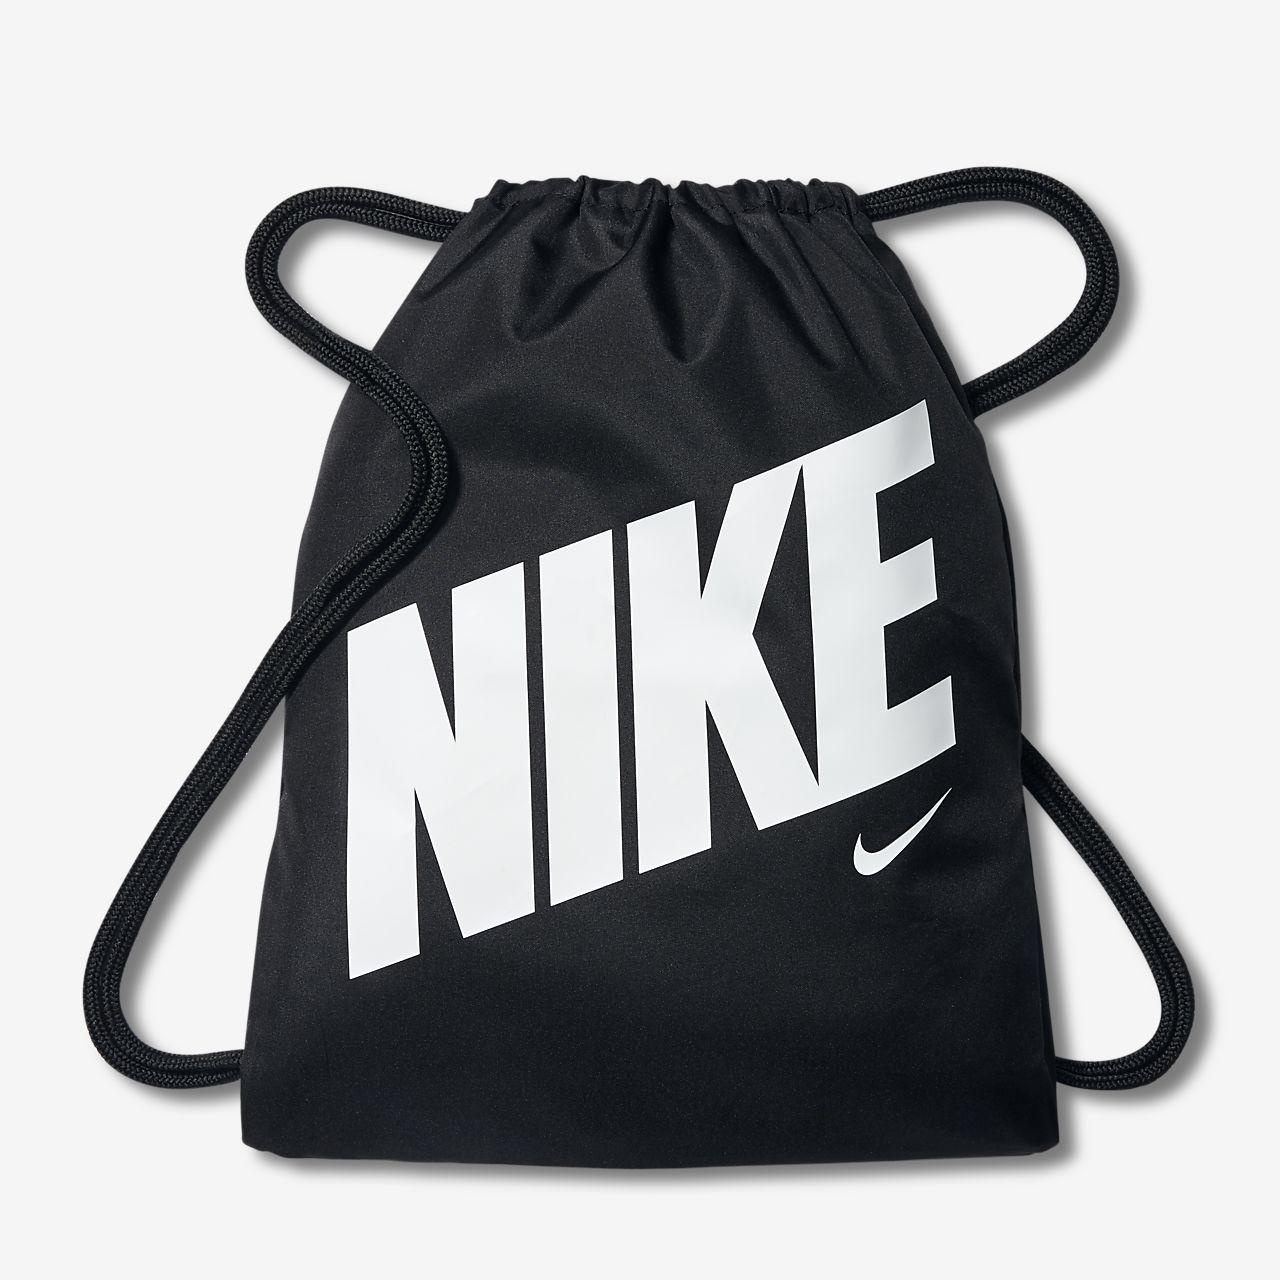 20ccfa5a6b Low Resolution Παιδικό σακίδιο γυμναστηρίου Nike Graphic Παιδικό σακίδιο  γυμναστηρίου Nike Graphic